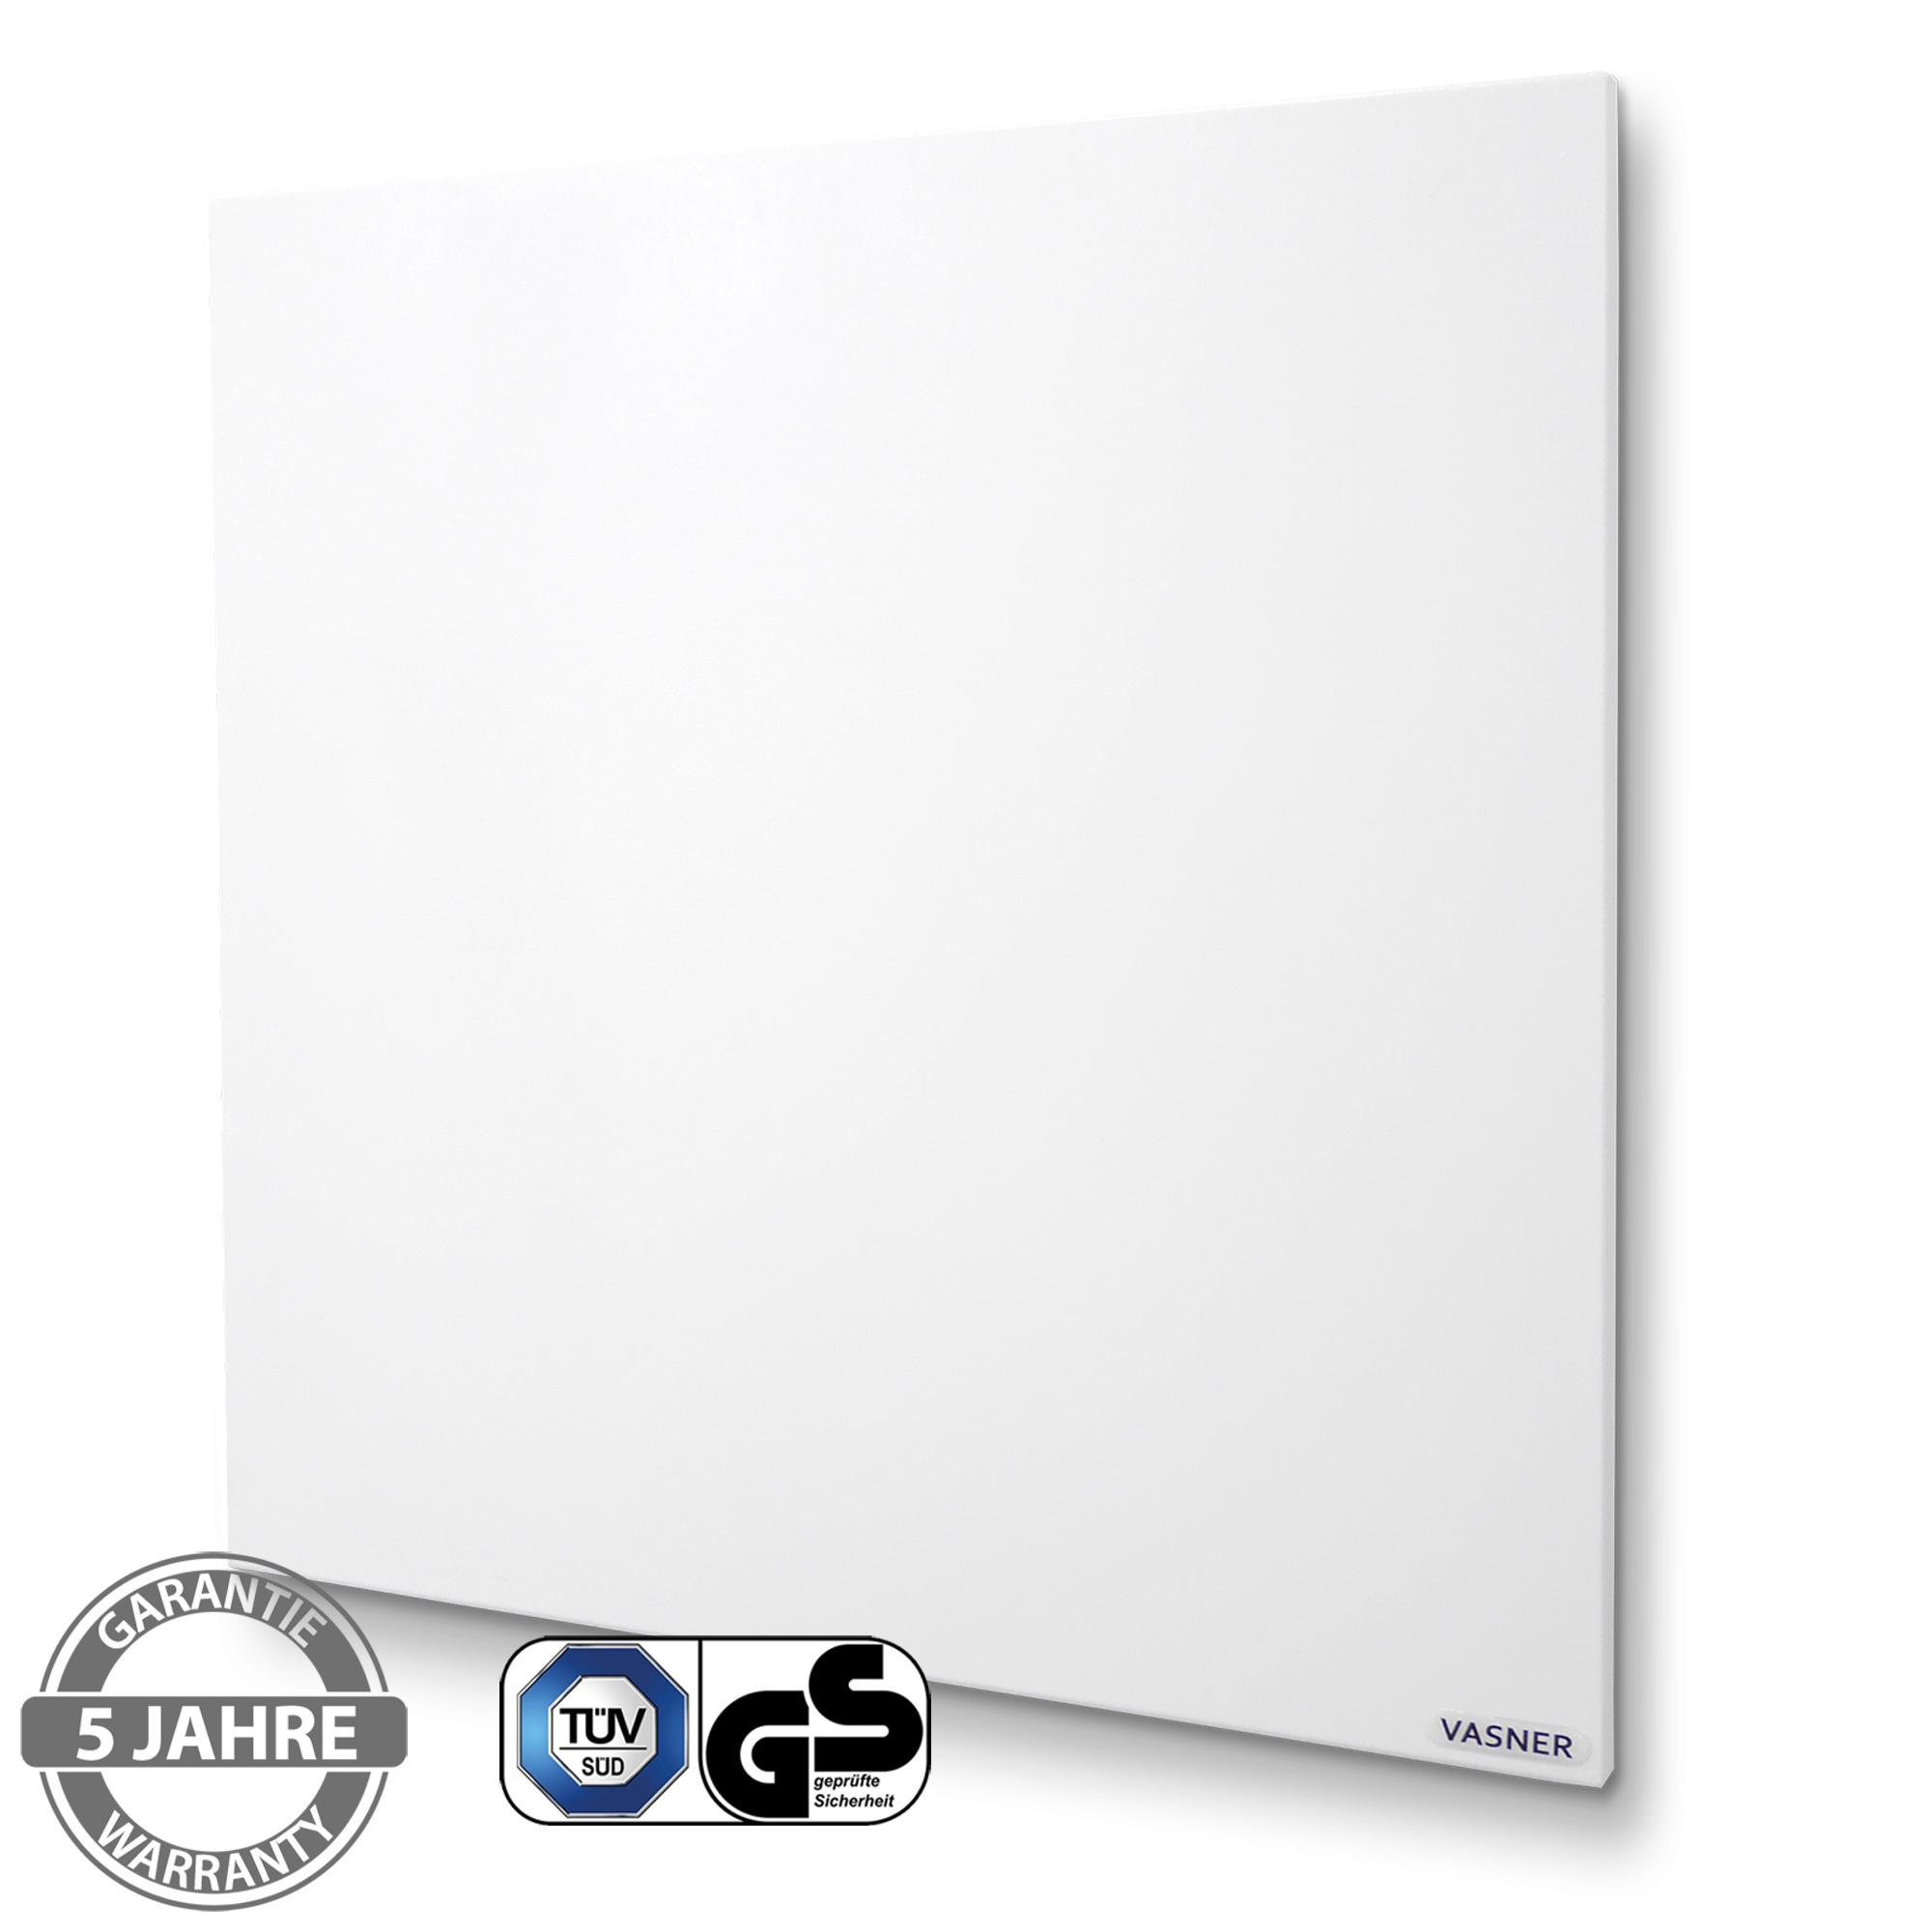 VASNER-Citara-M-Metall-Elektroheizung-kaufen-Kosten-guenstig-300-1100-Watt-TUEV-Qualitaet